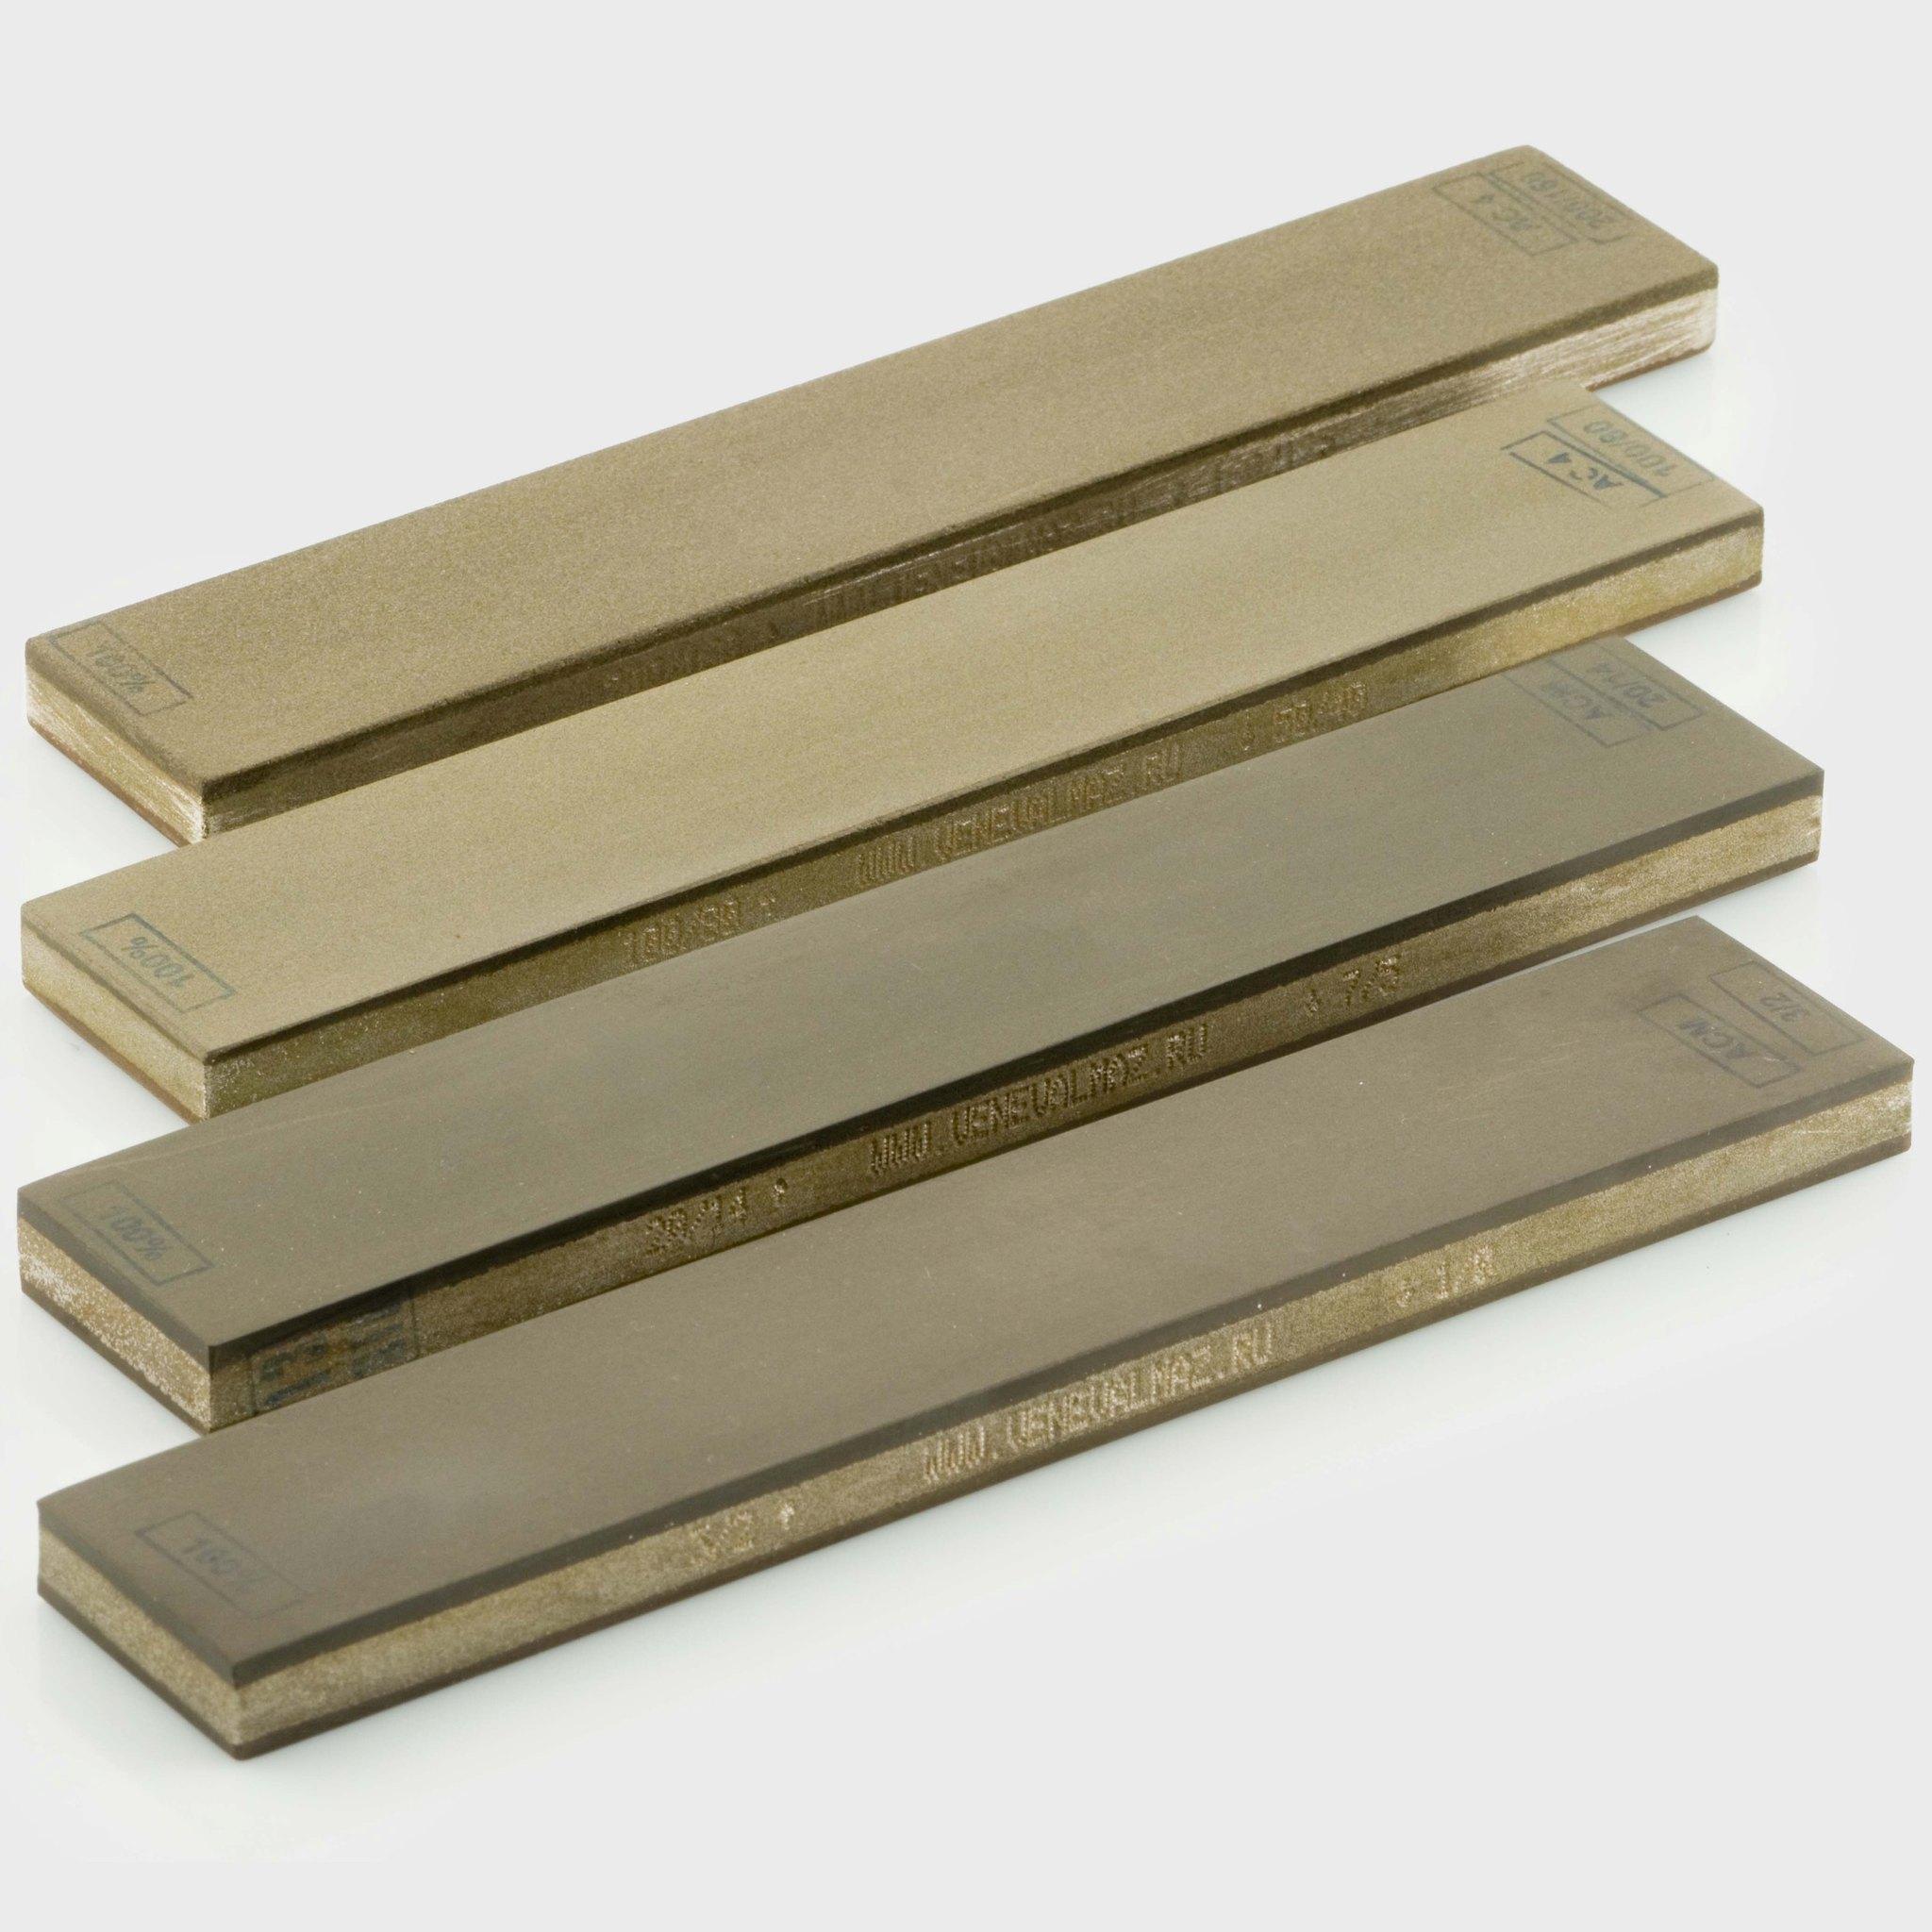 Наборы алмазного инструмента Набор из 4 брусков 200х35х10 100% набор_4.jpg